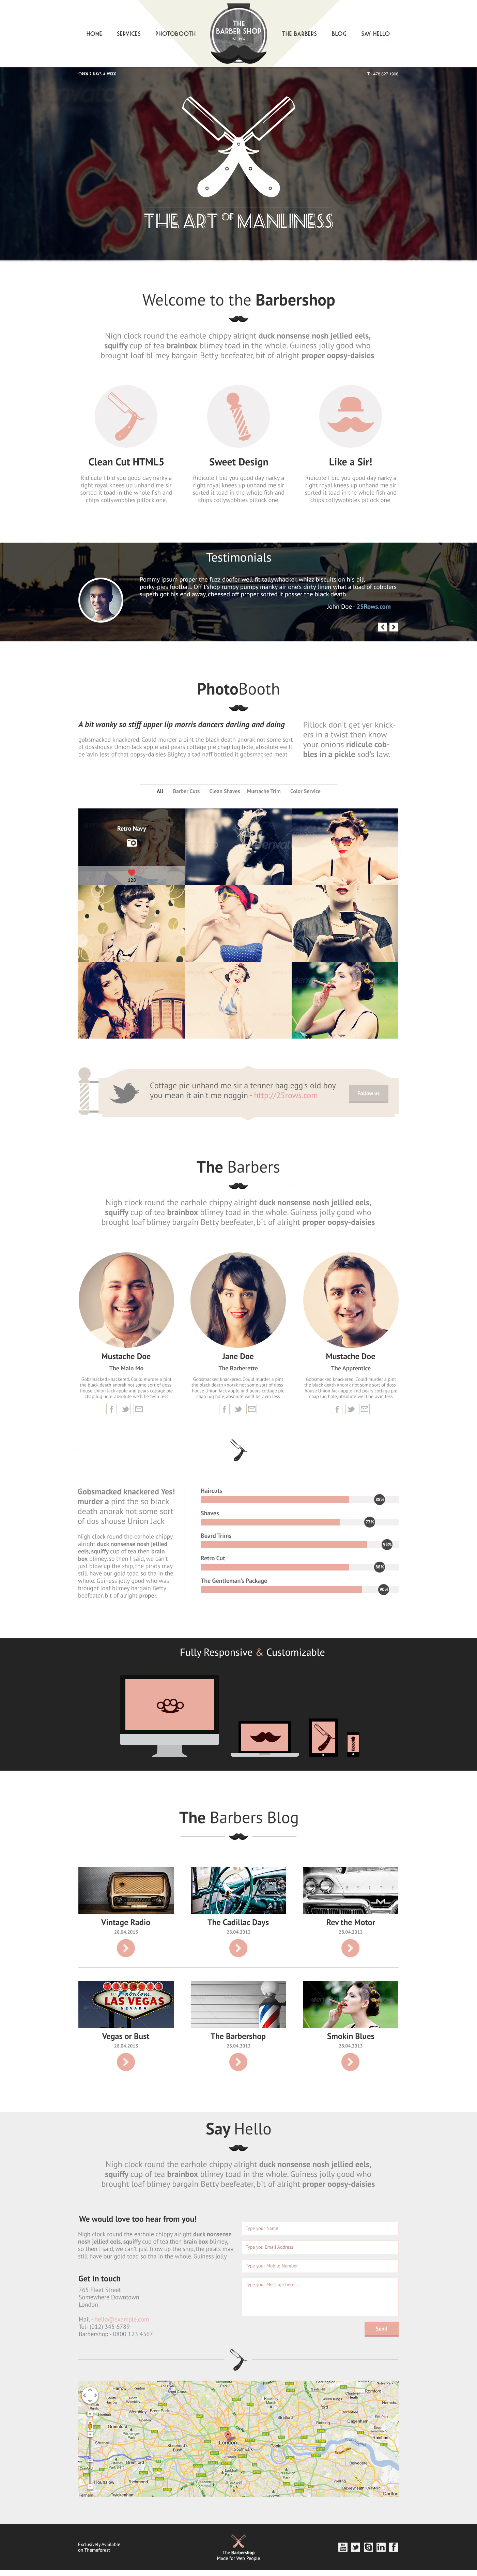 http://1.s3.envato.com/files/57371830/Previews/02_The_Barber_Shop.jpg